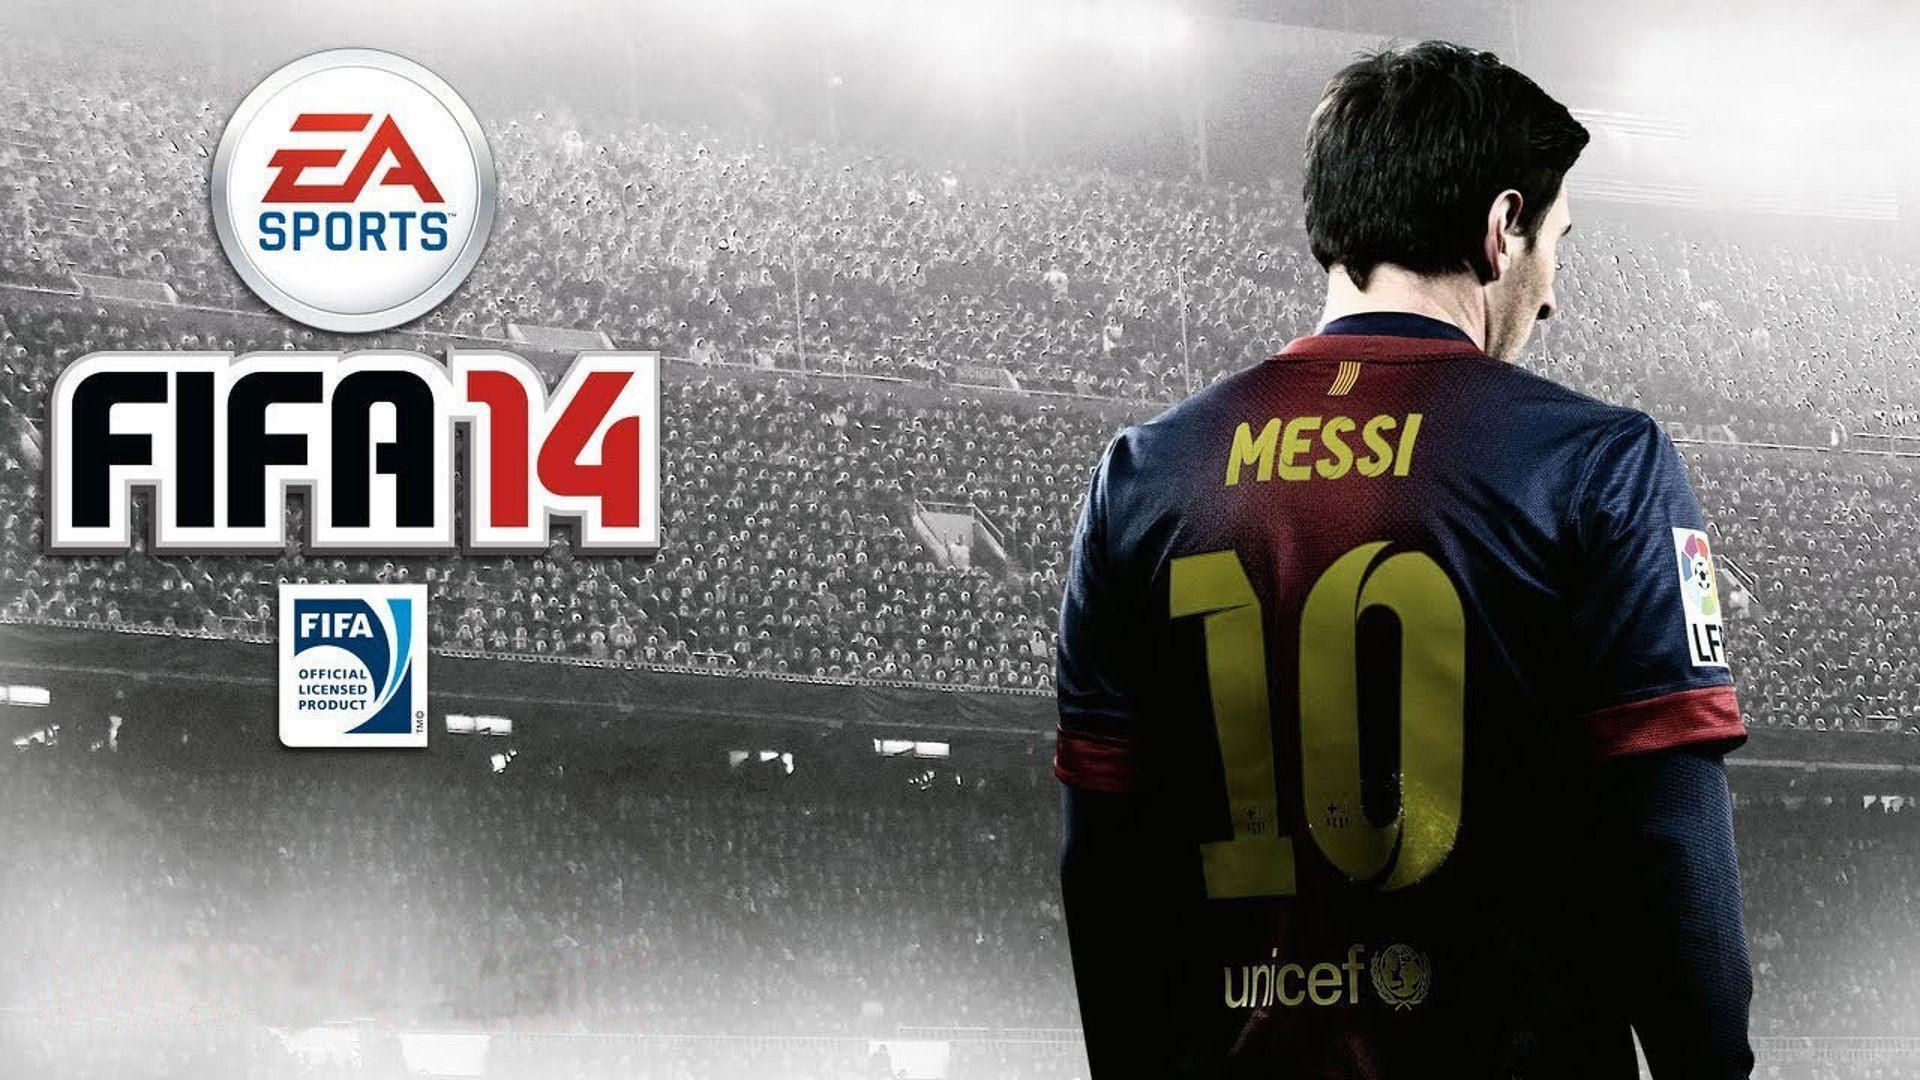 Fonds d'écran Fifa 14 : tous les wallpapers Fifa 14